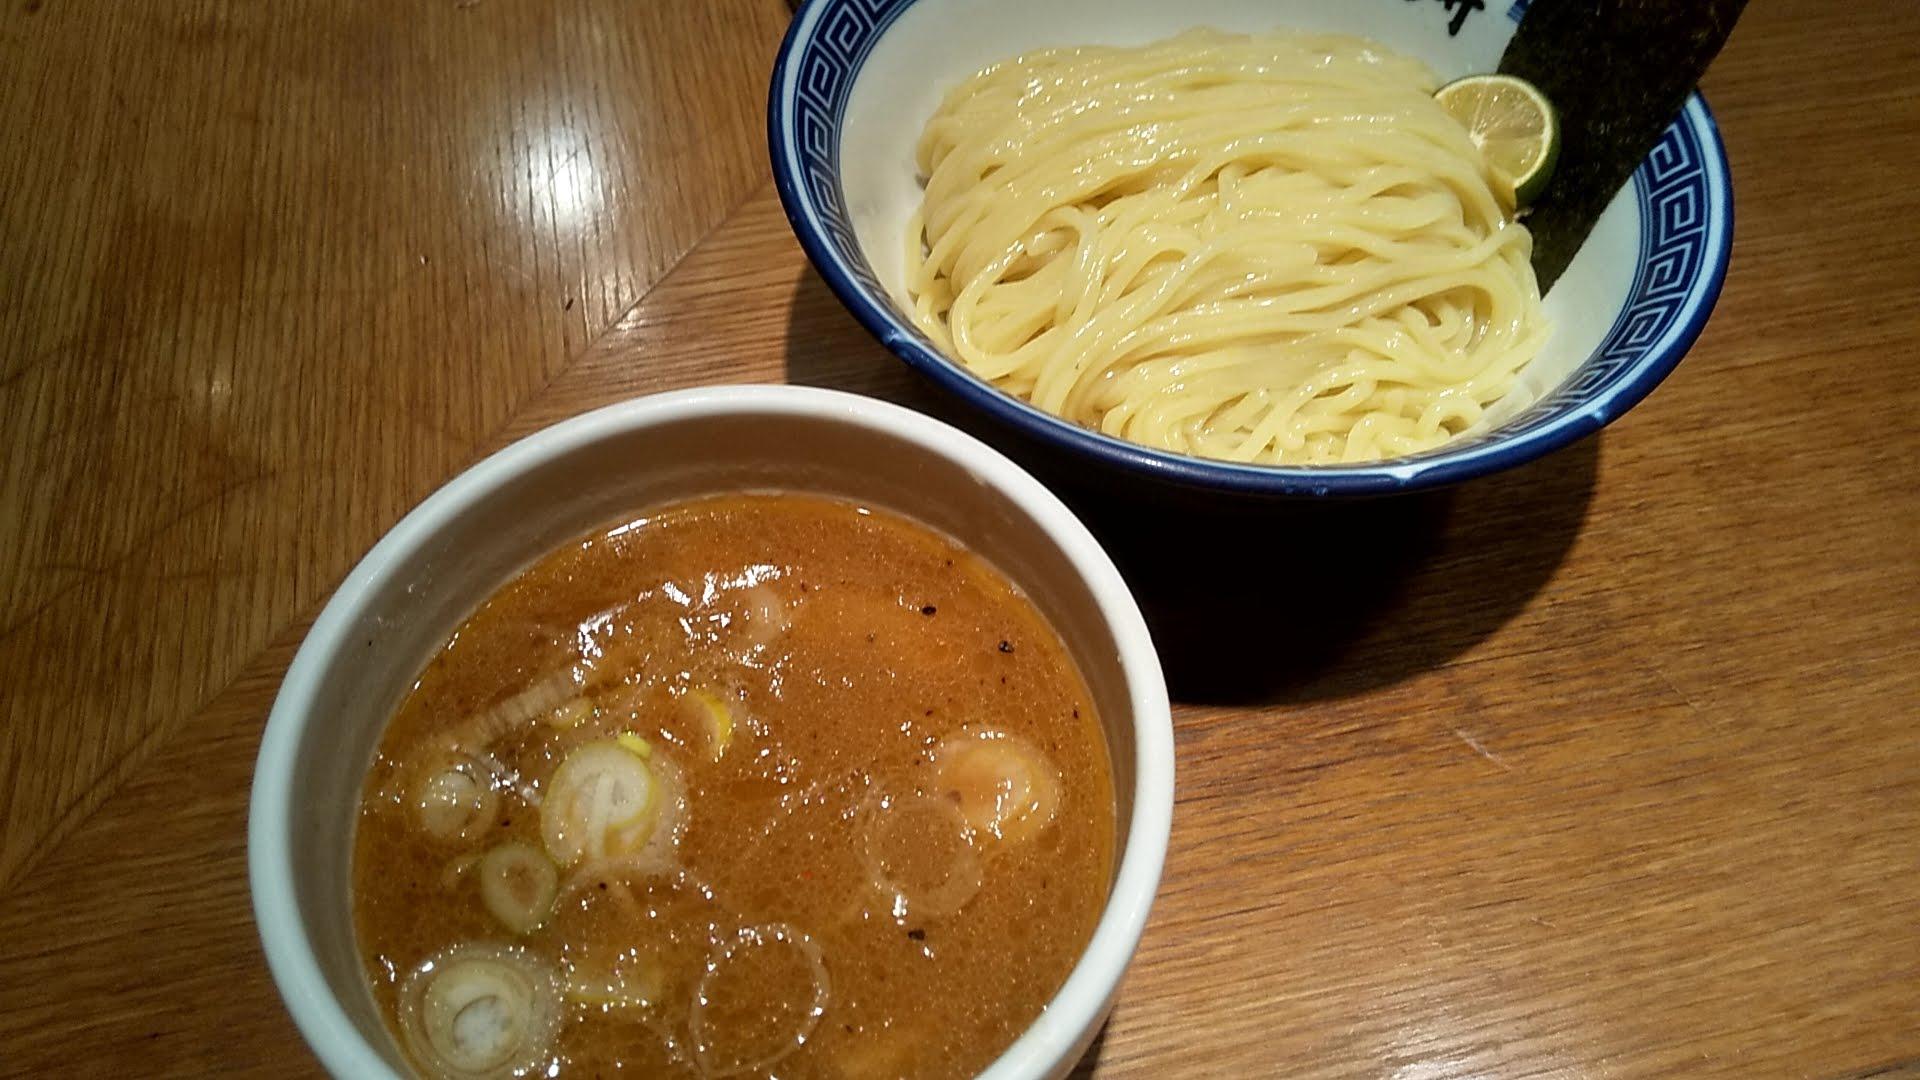 銀座いし井下北沢店のつけ麺